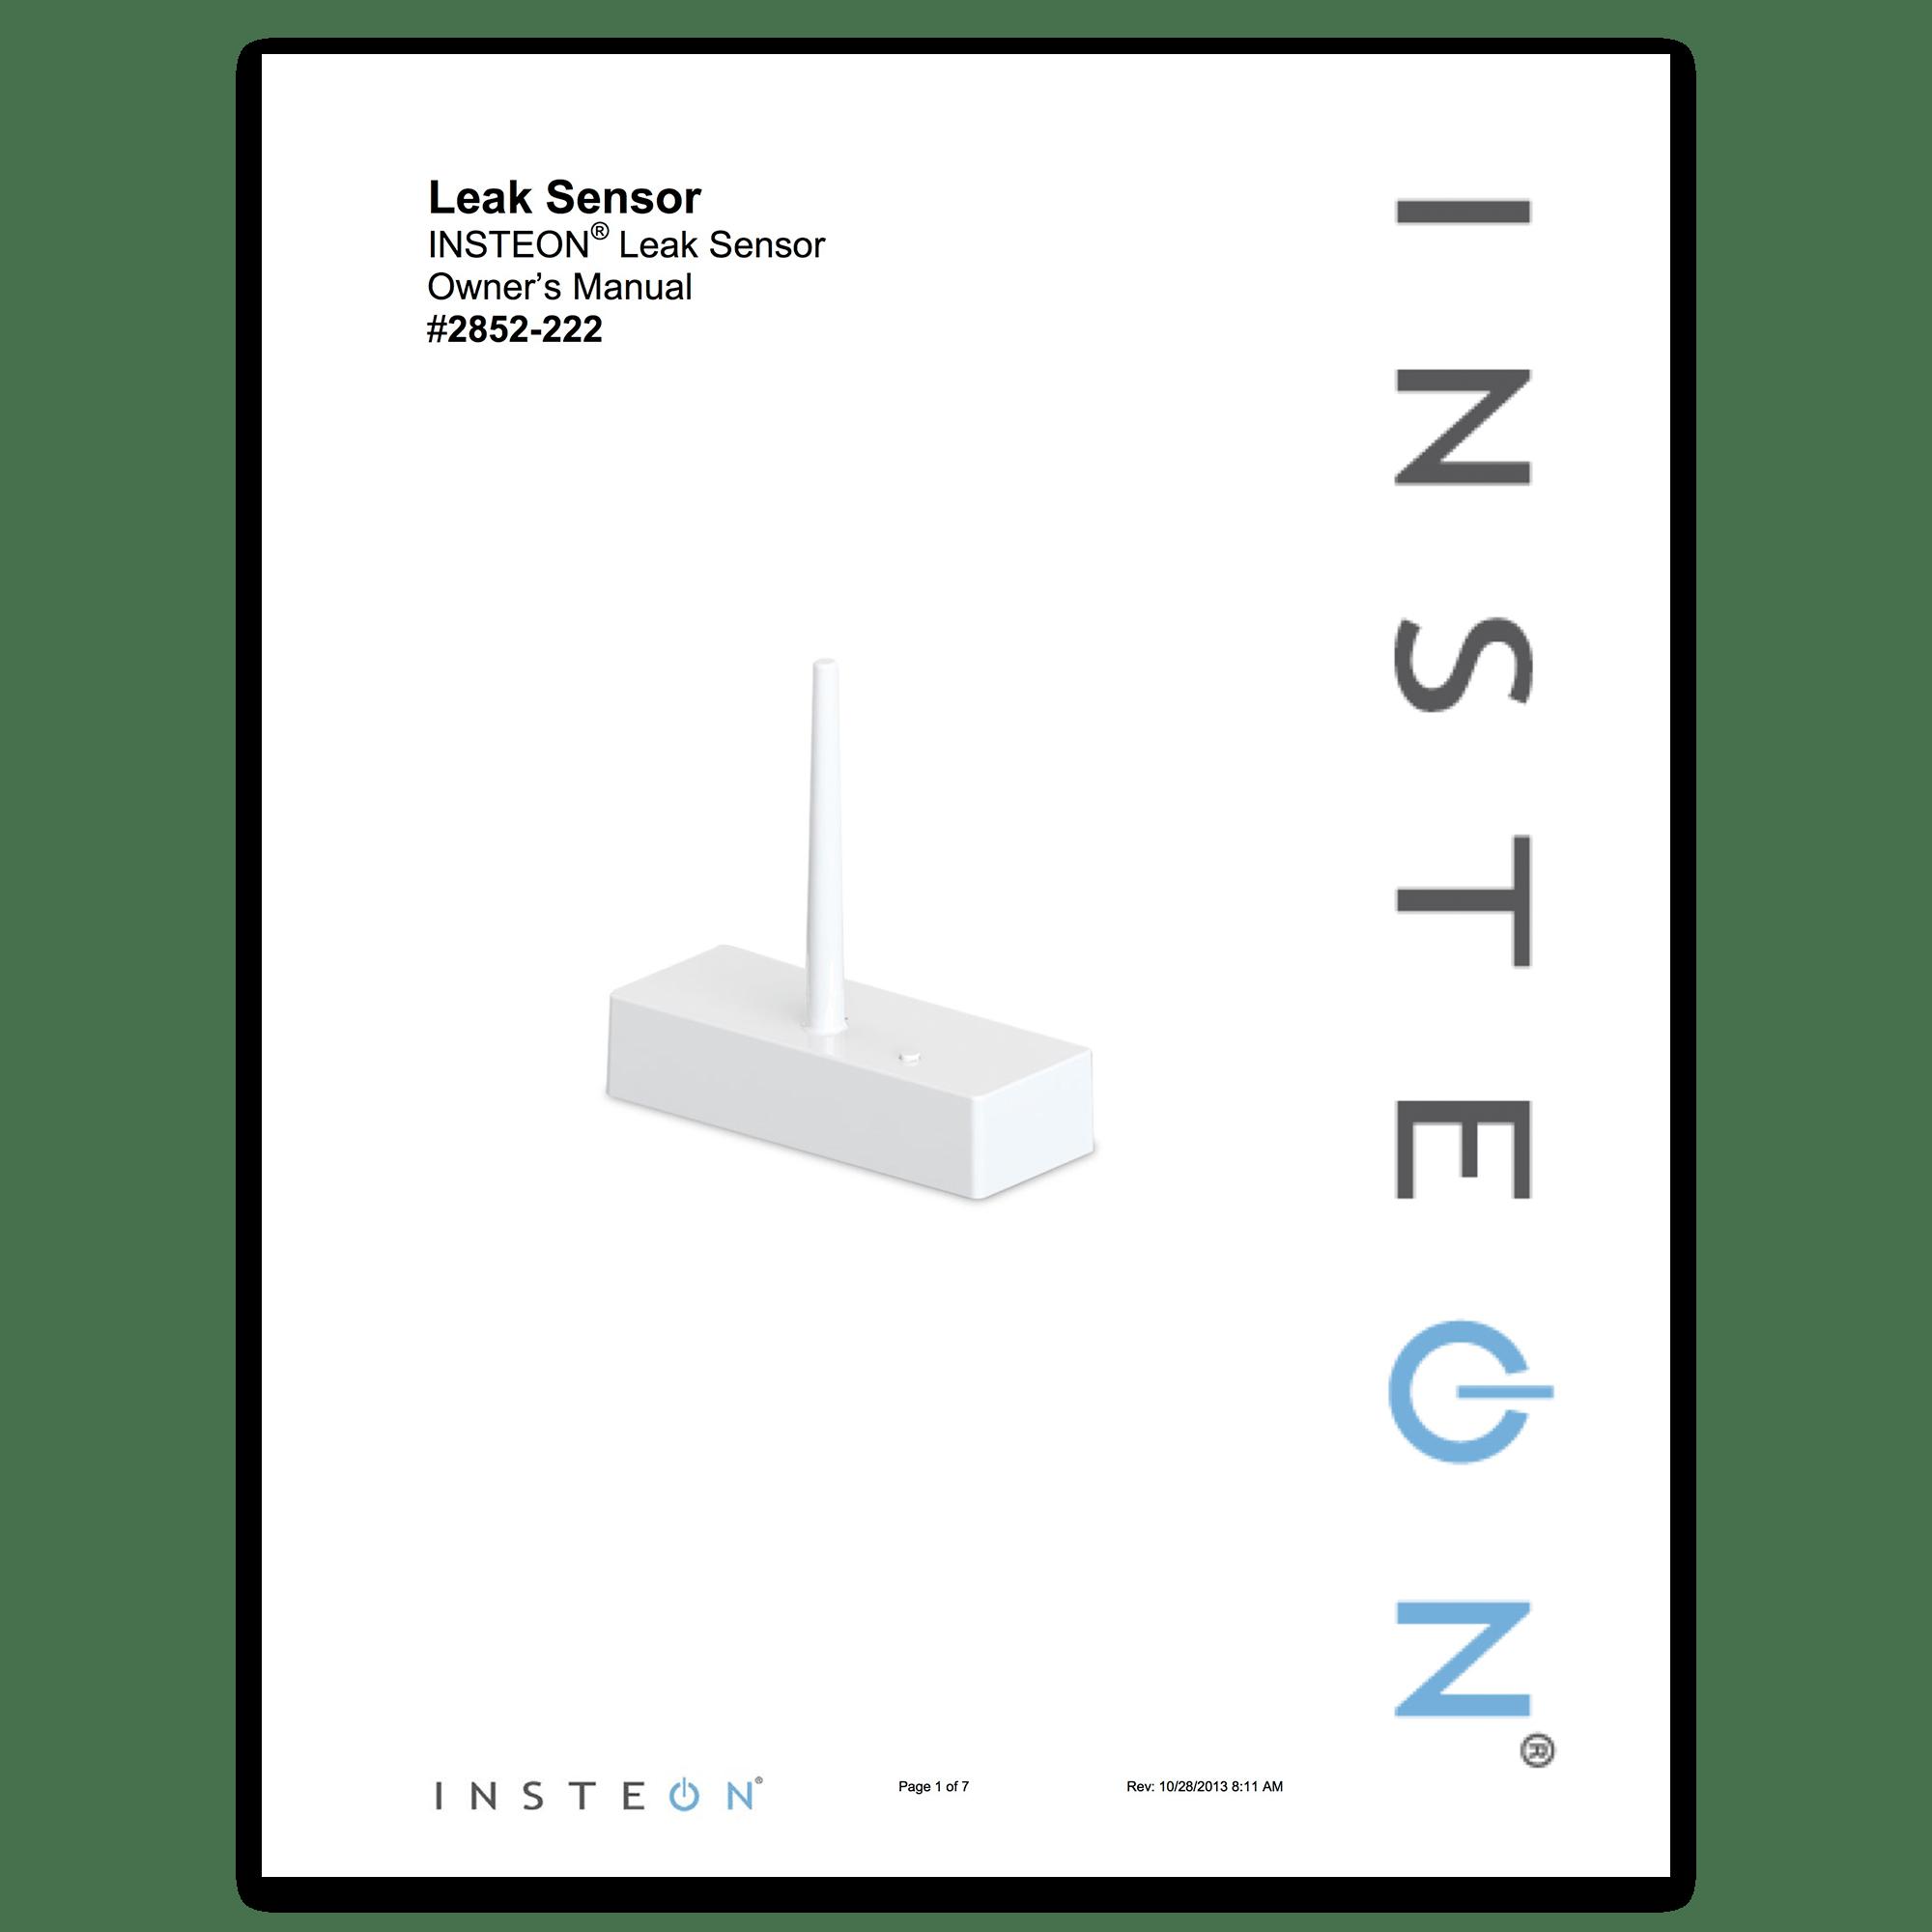 Leak Sensor